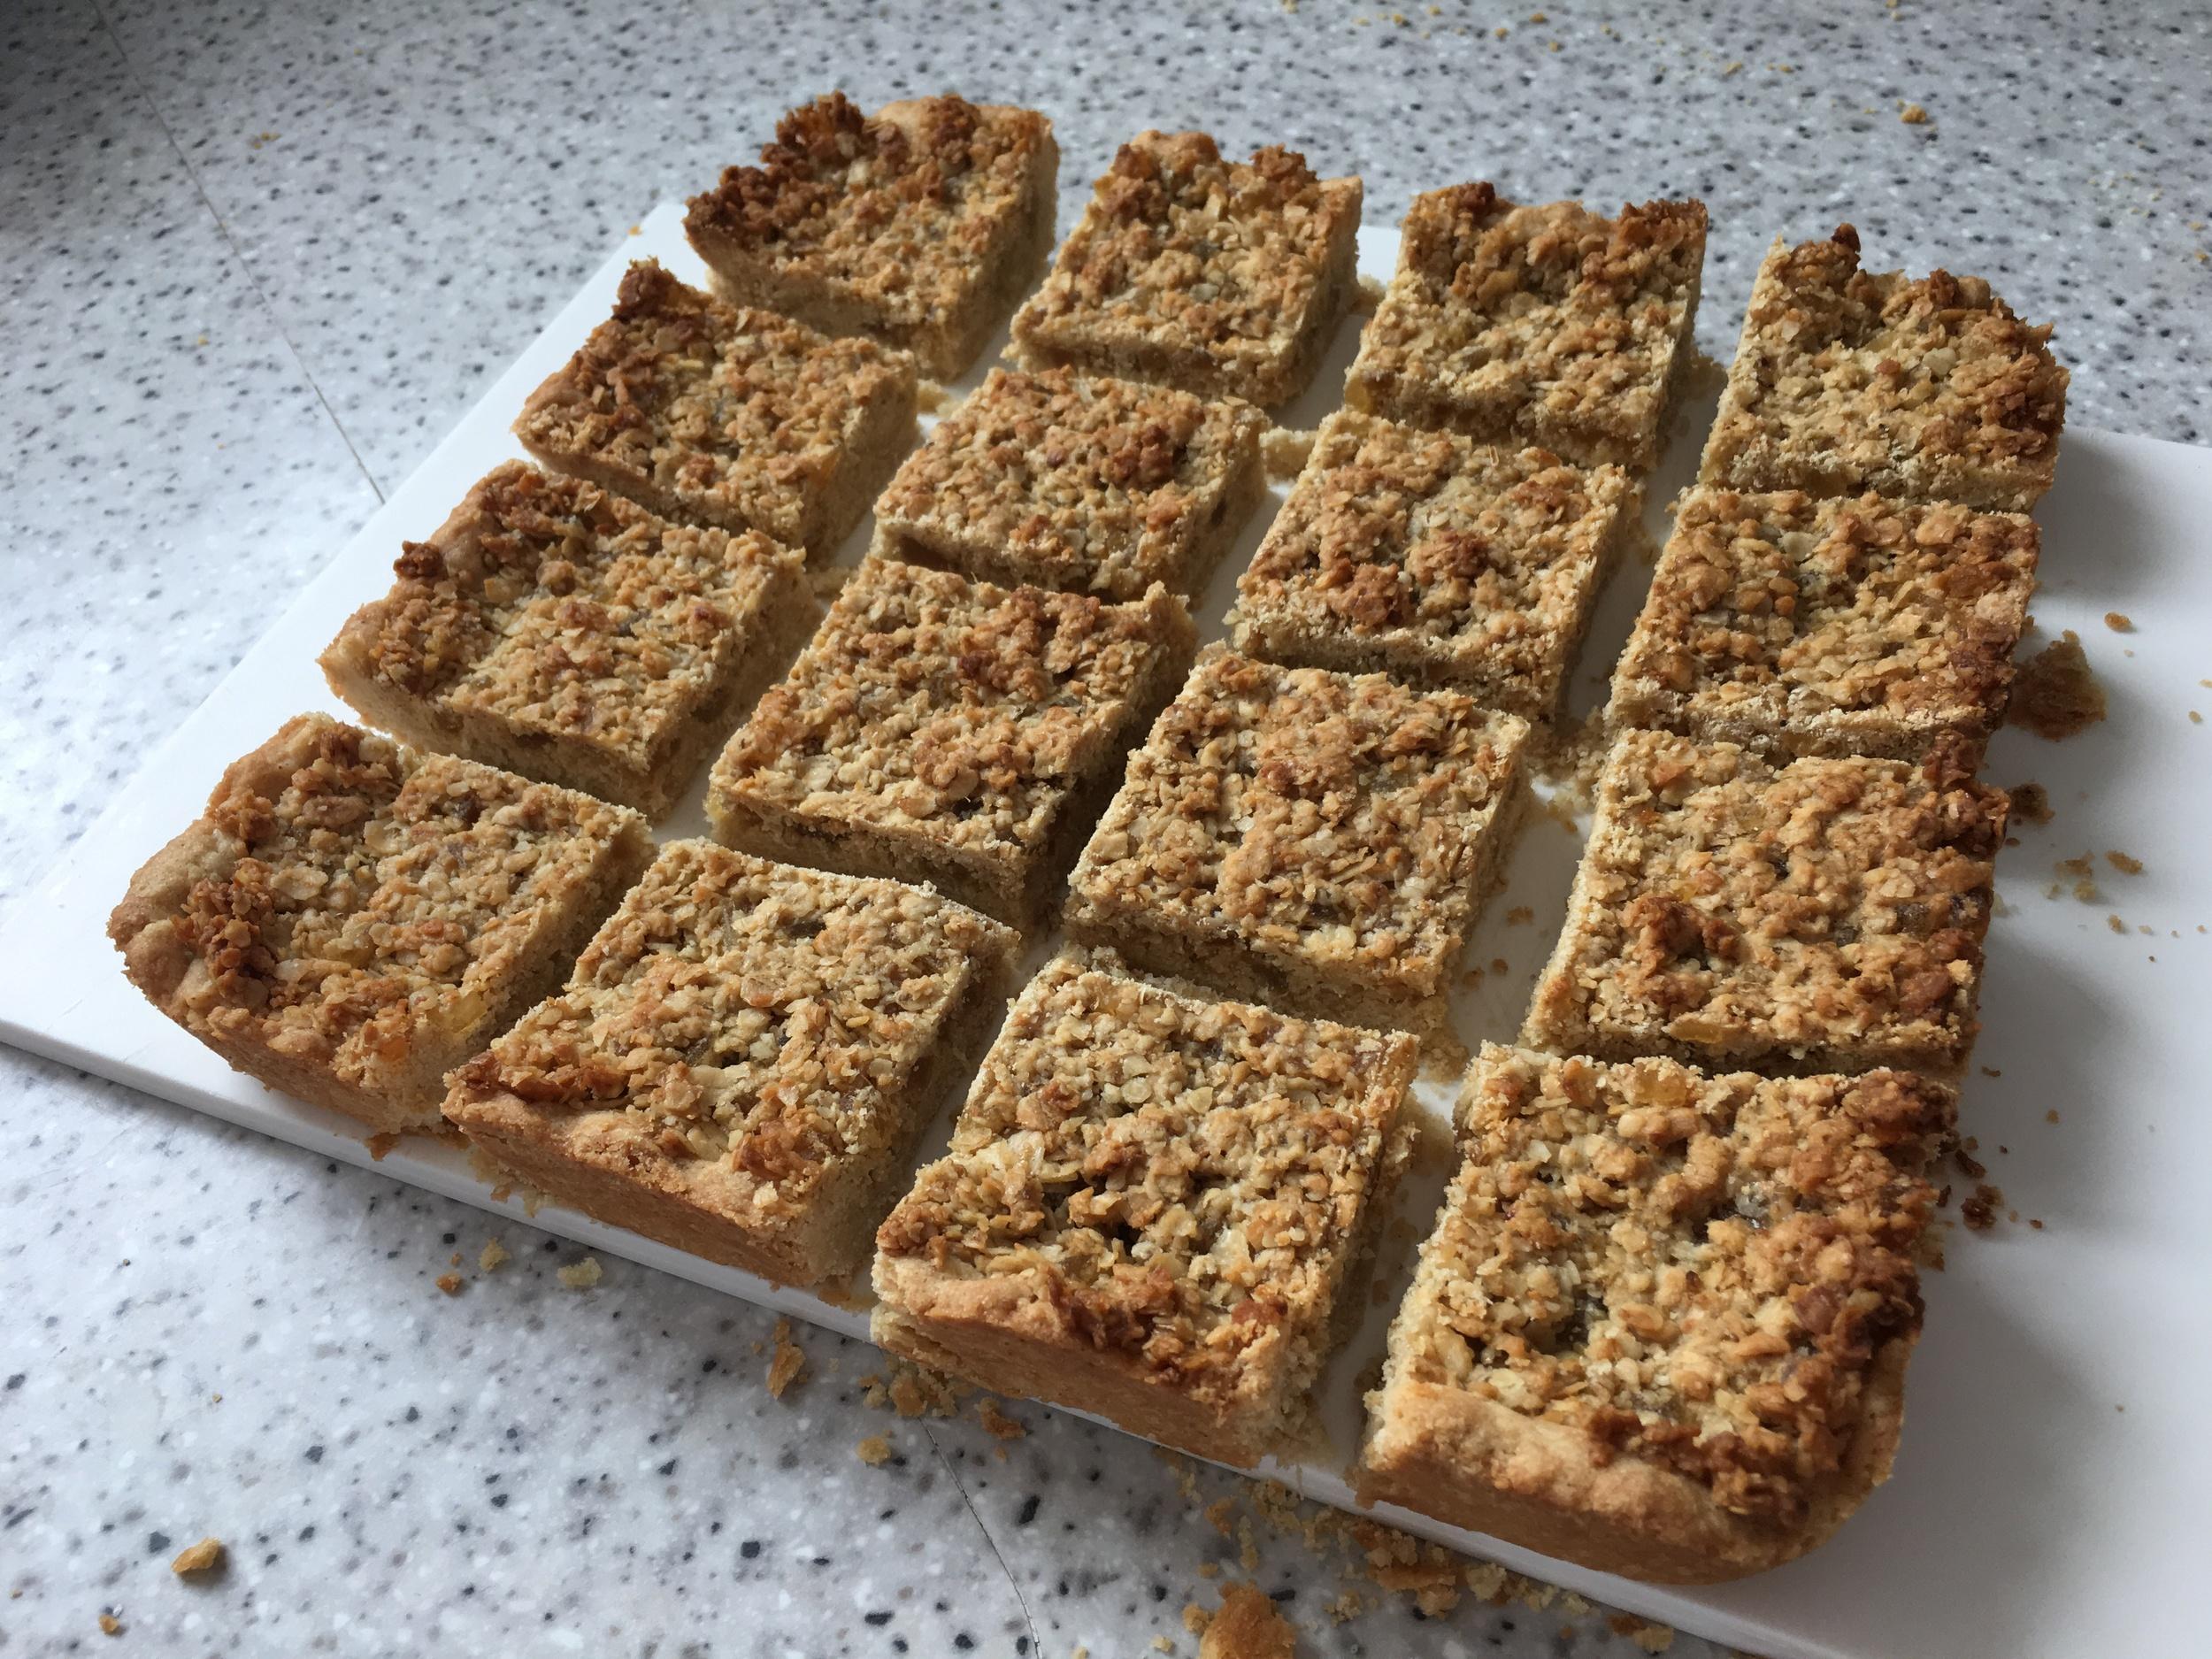 Ginger oat squares